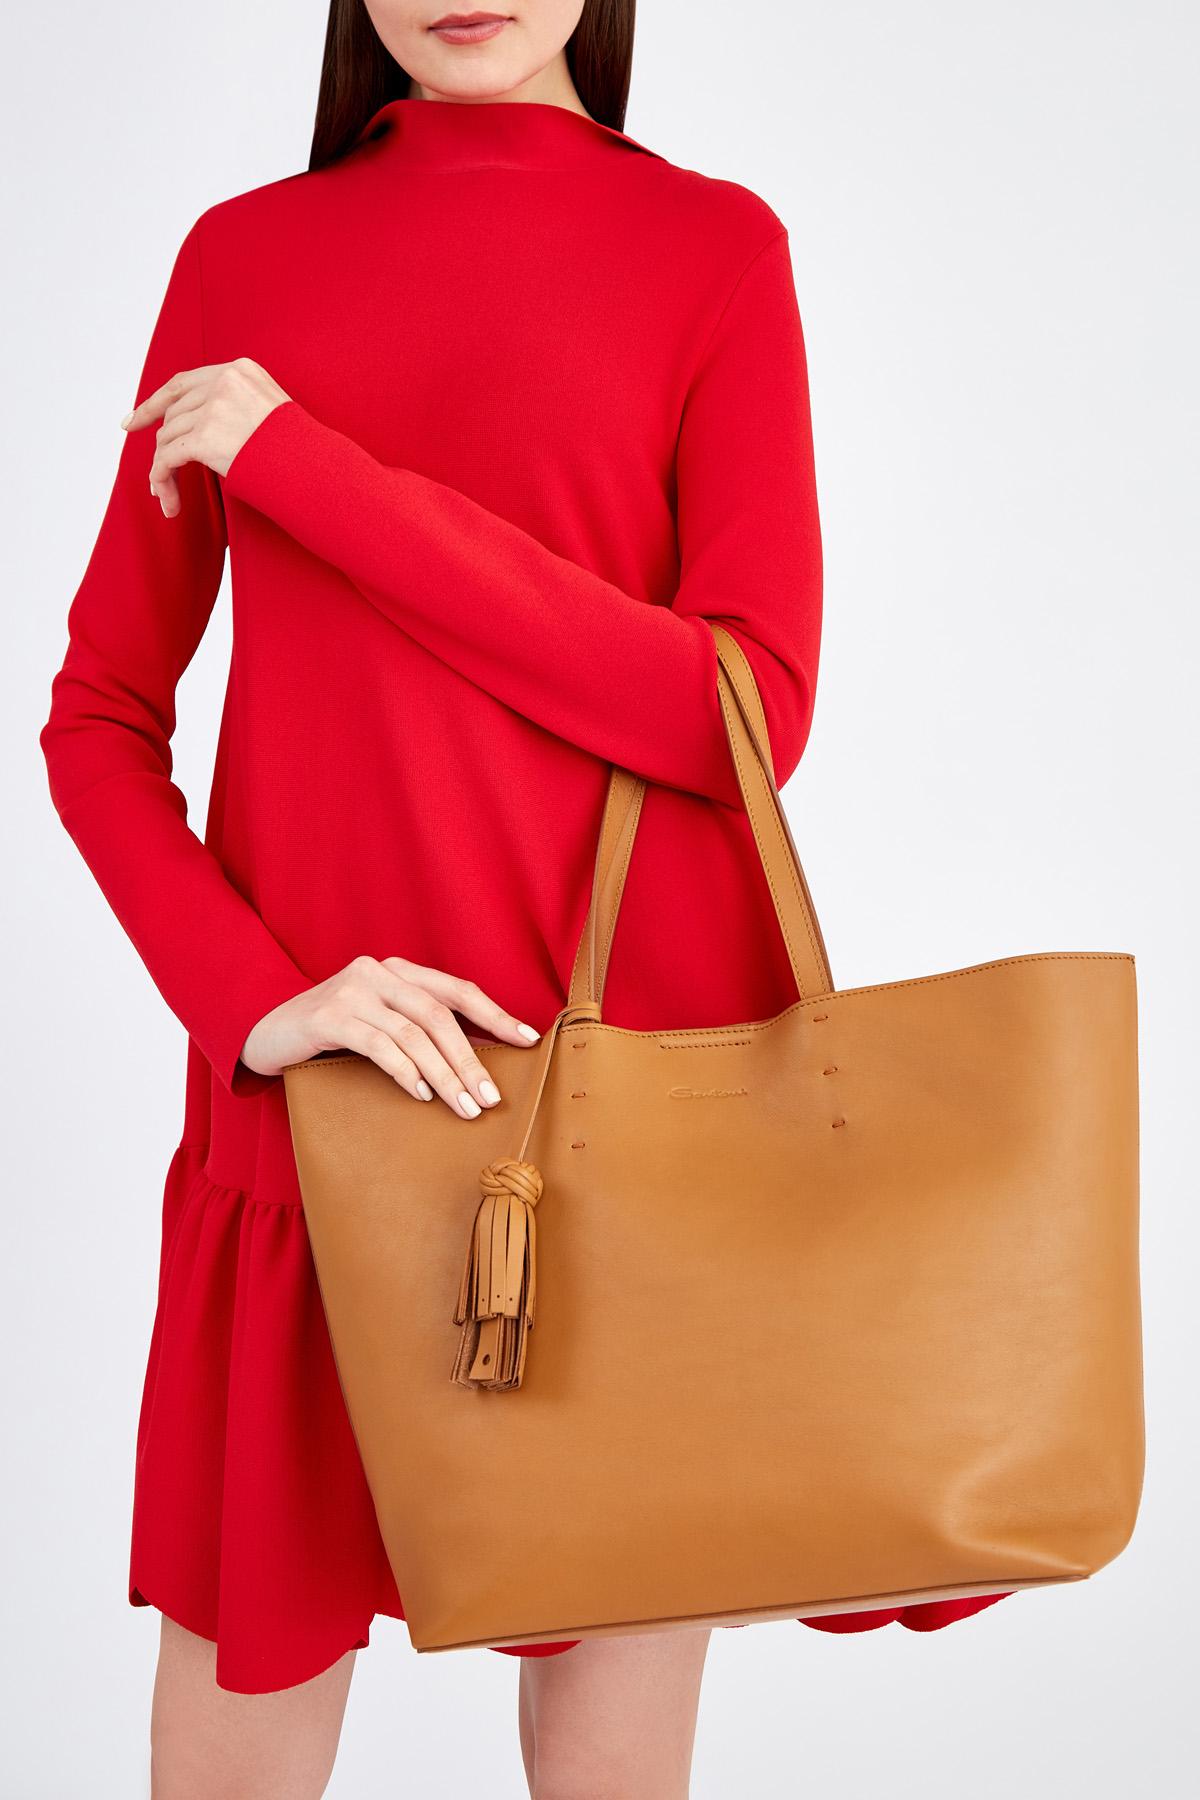 Вместительная сумка-тоут из матовой гладкой кожи с брелоком-кистью SANTONI 1822ba c70 Фото 2